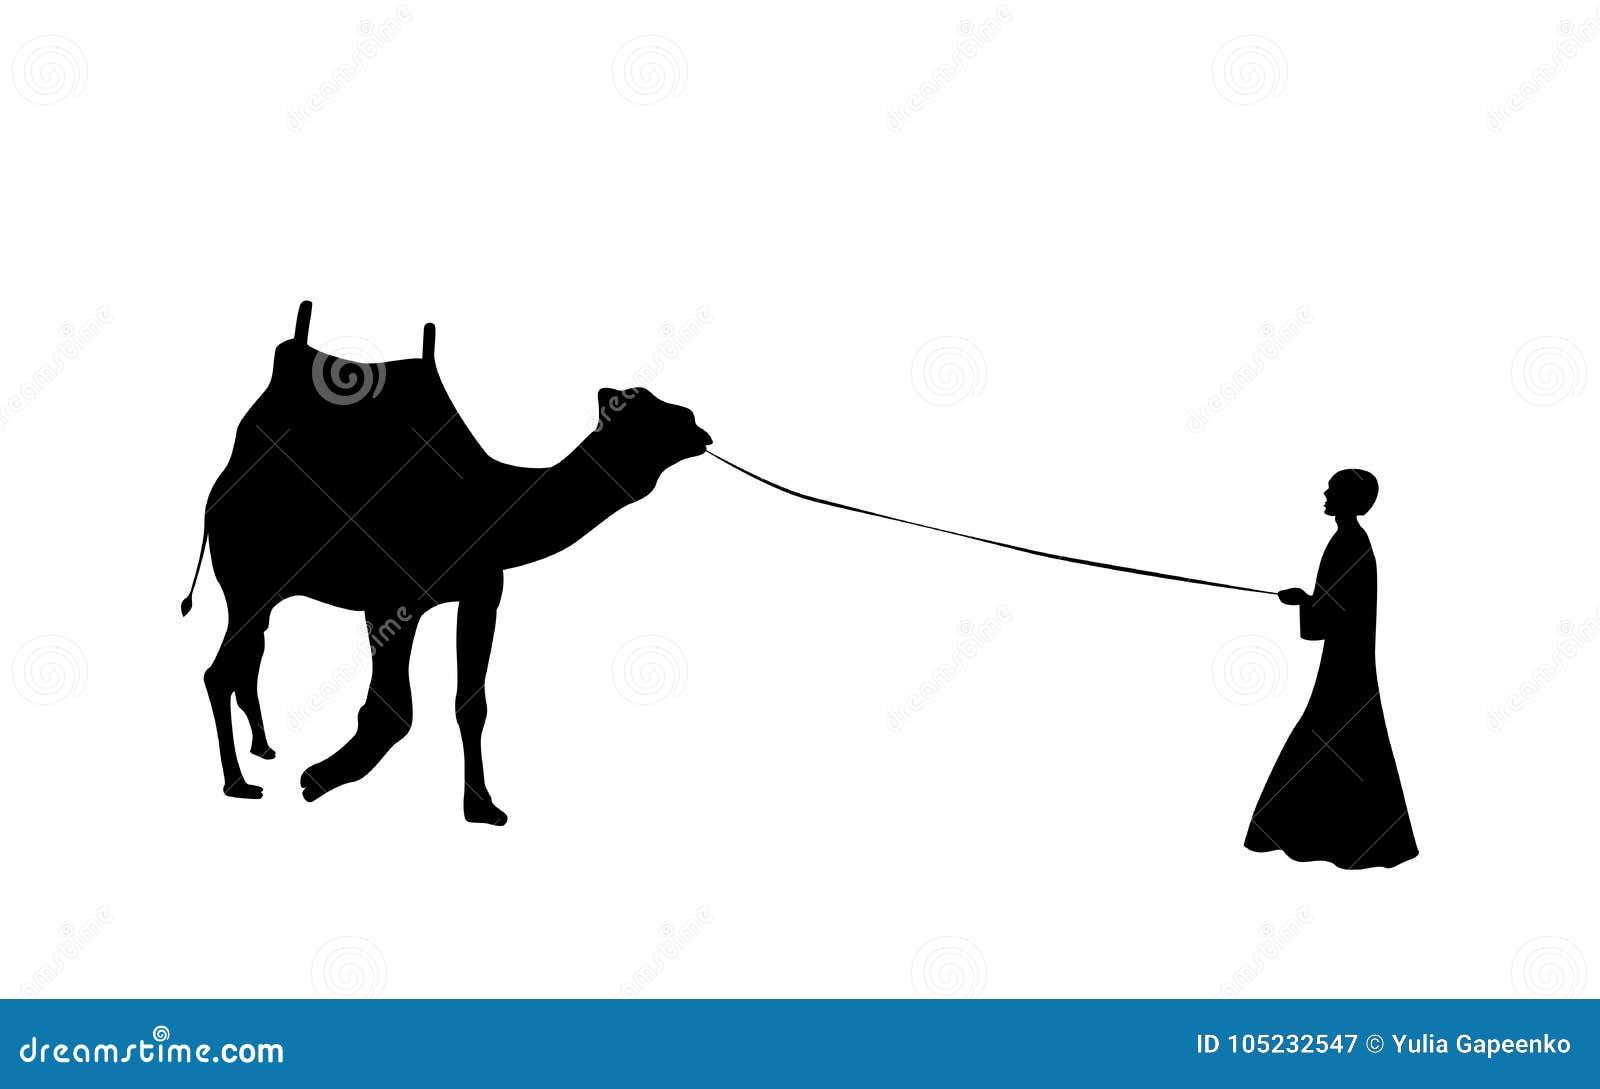 Svartvit kontur av en kamel med en beduin också vektor för coreldrawillustration